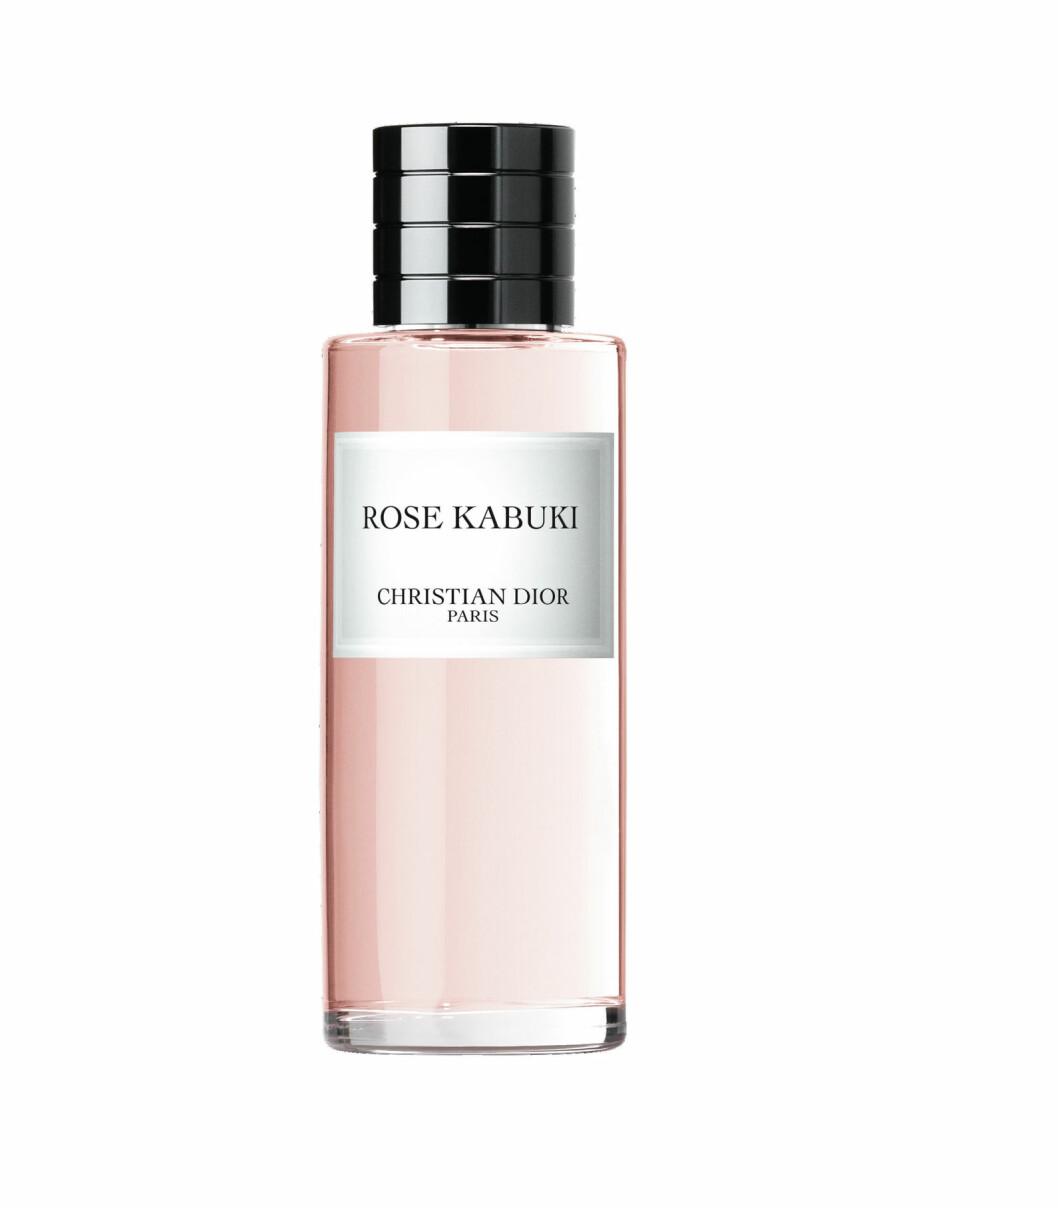 Maison Diors Rose Kabuki.